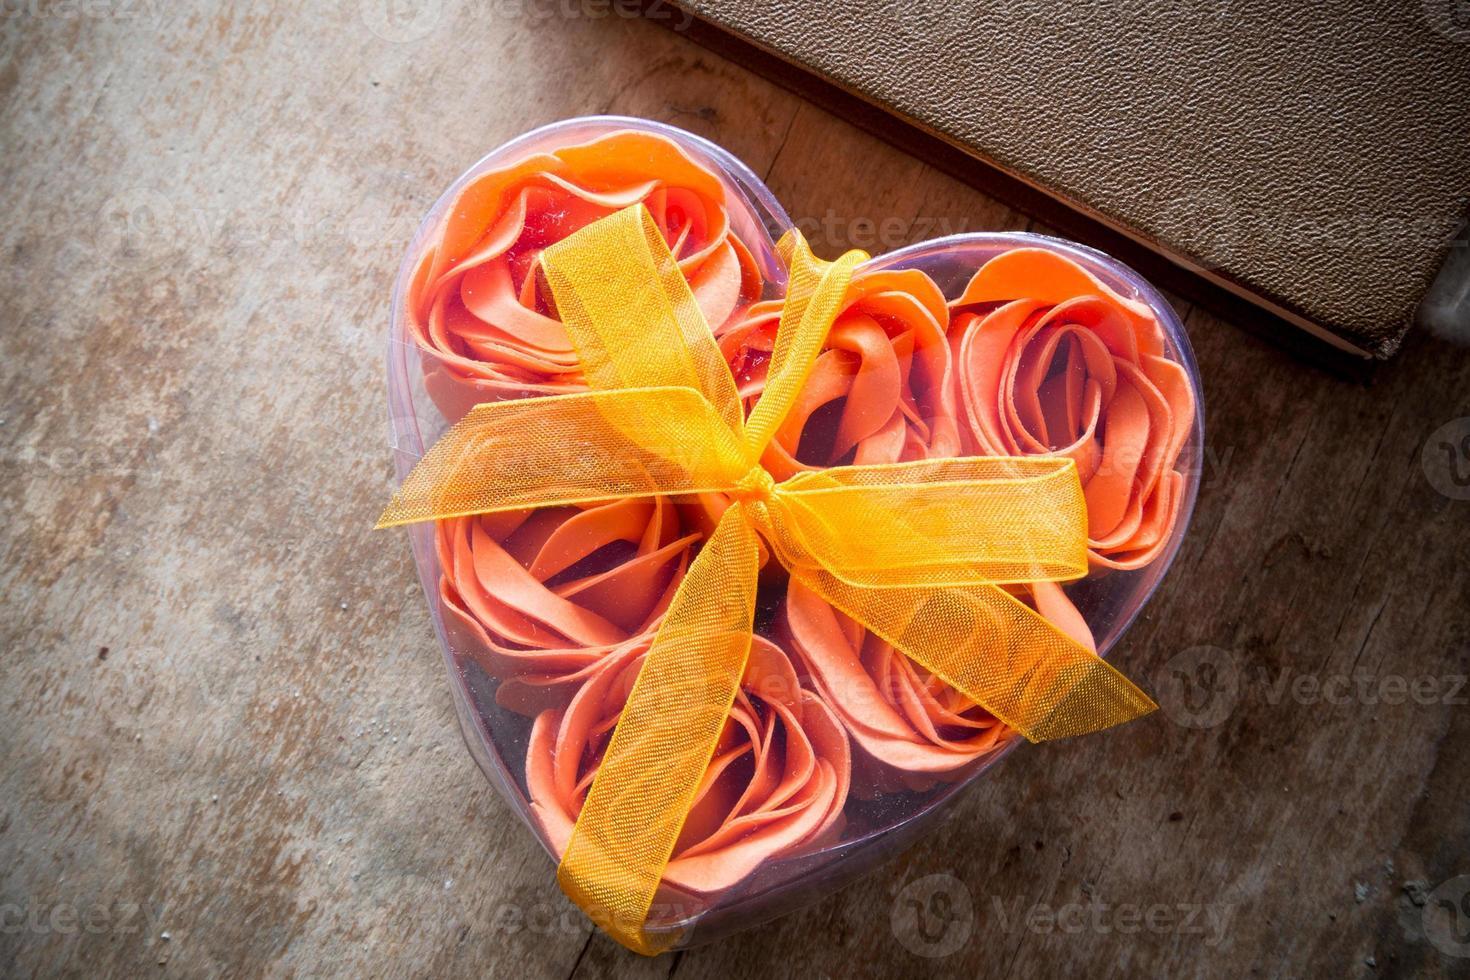 roos in hartvorm doos foto